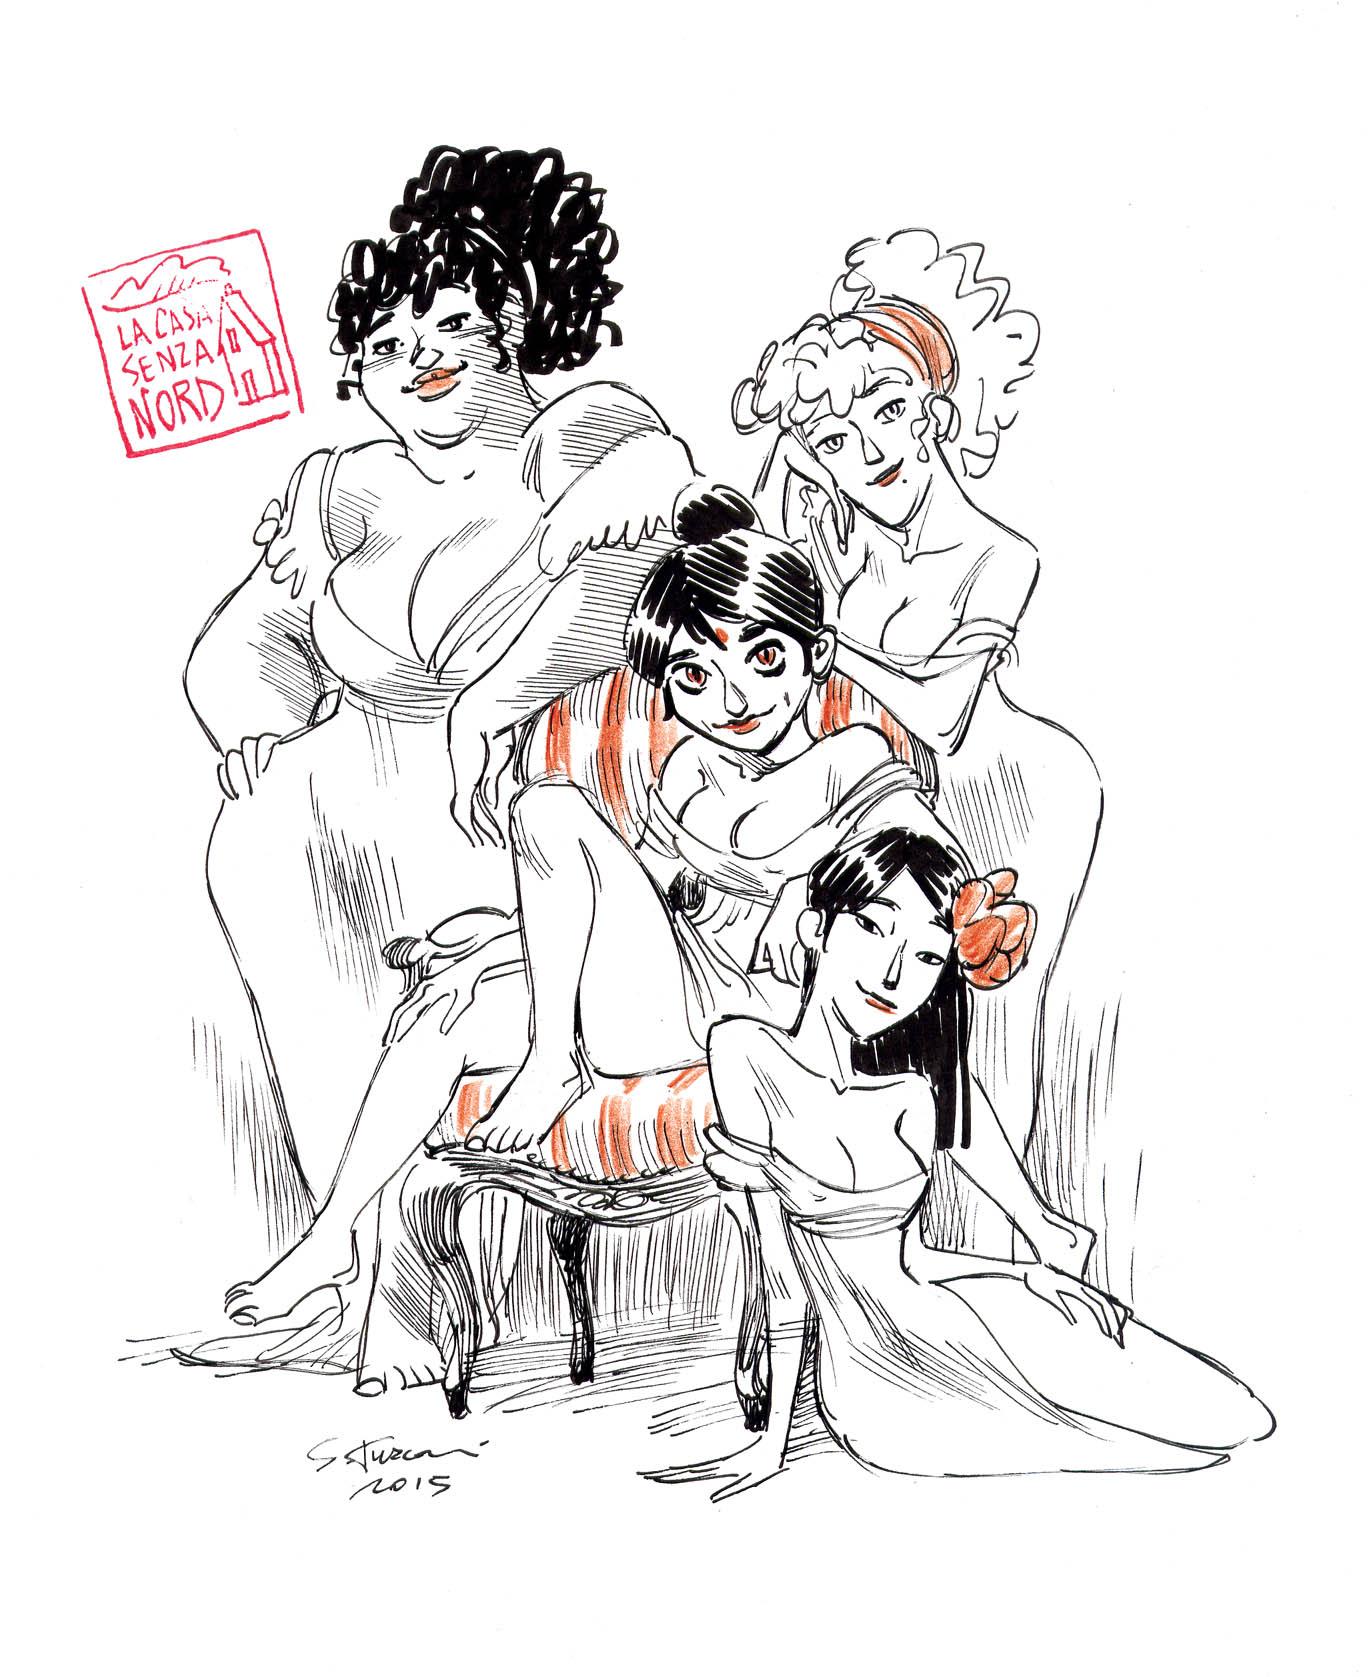 pillar's girls